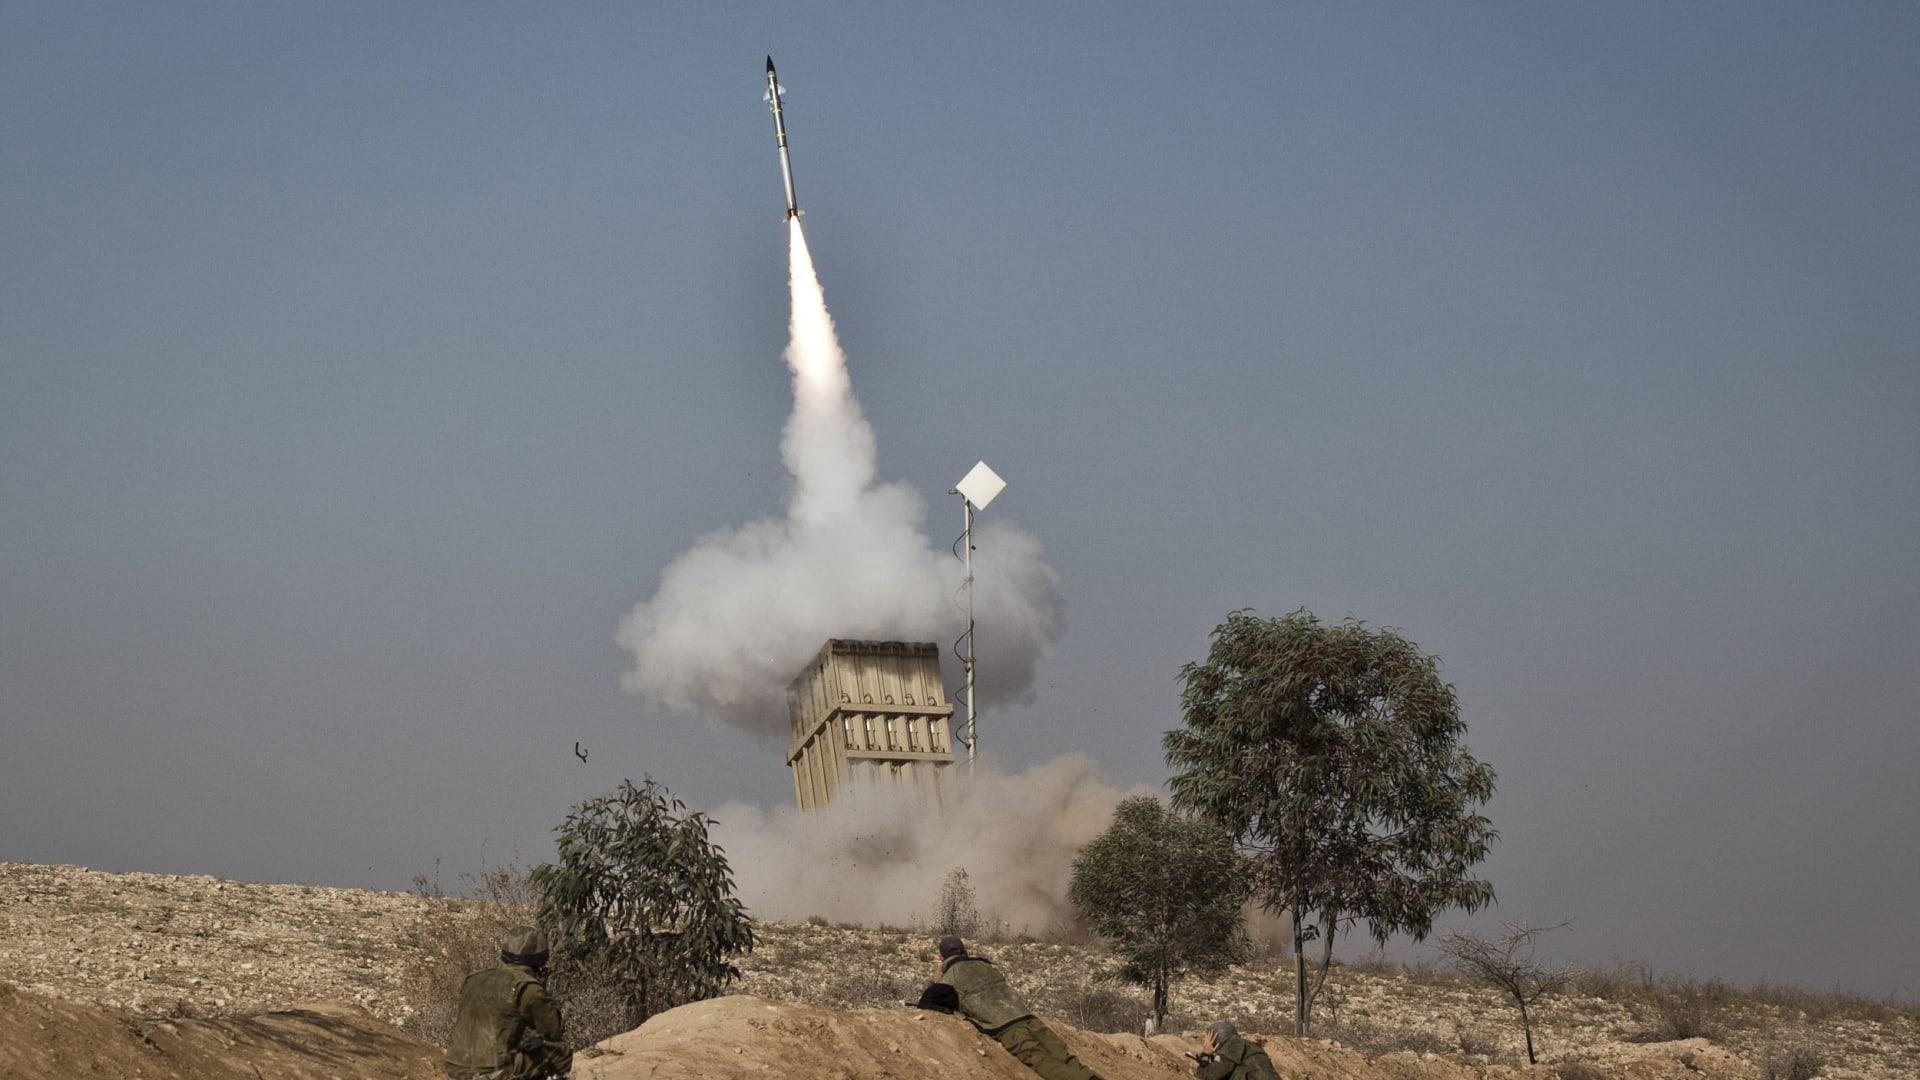 مقارنة بين الجيش الإسرائيلي ونظيره الإيراني وفق إحصائية 2021